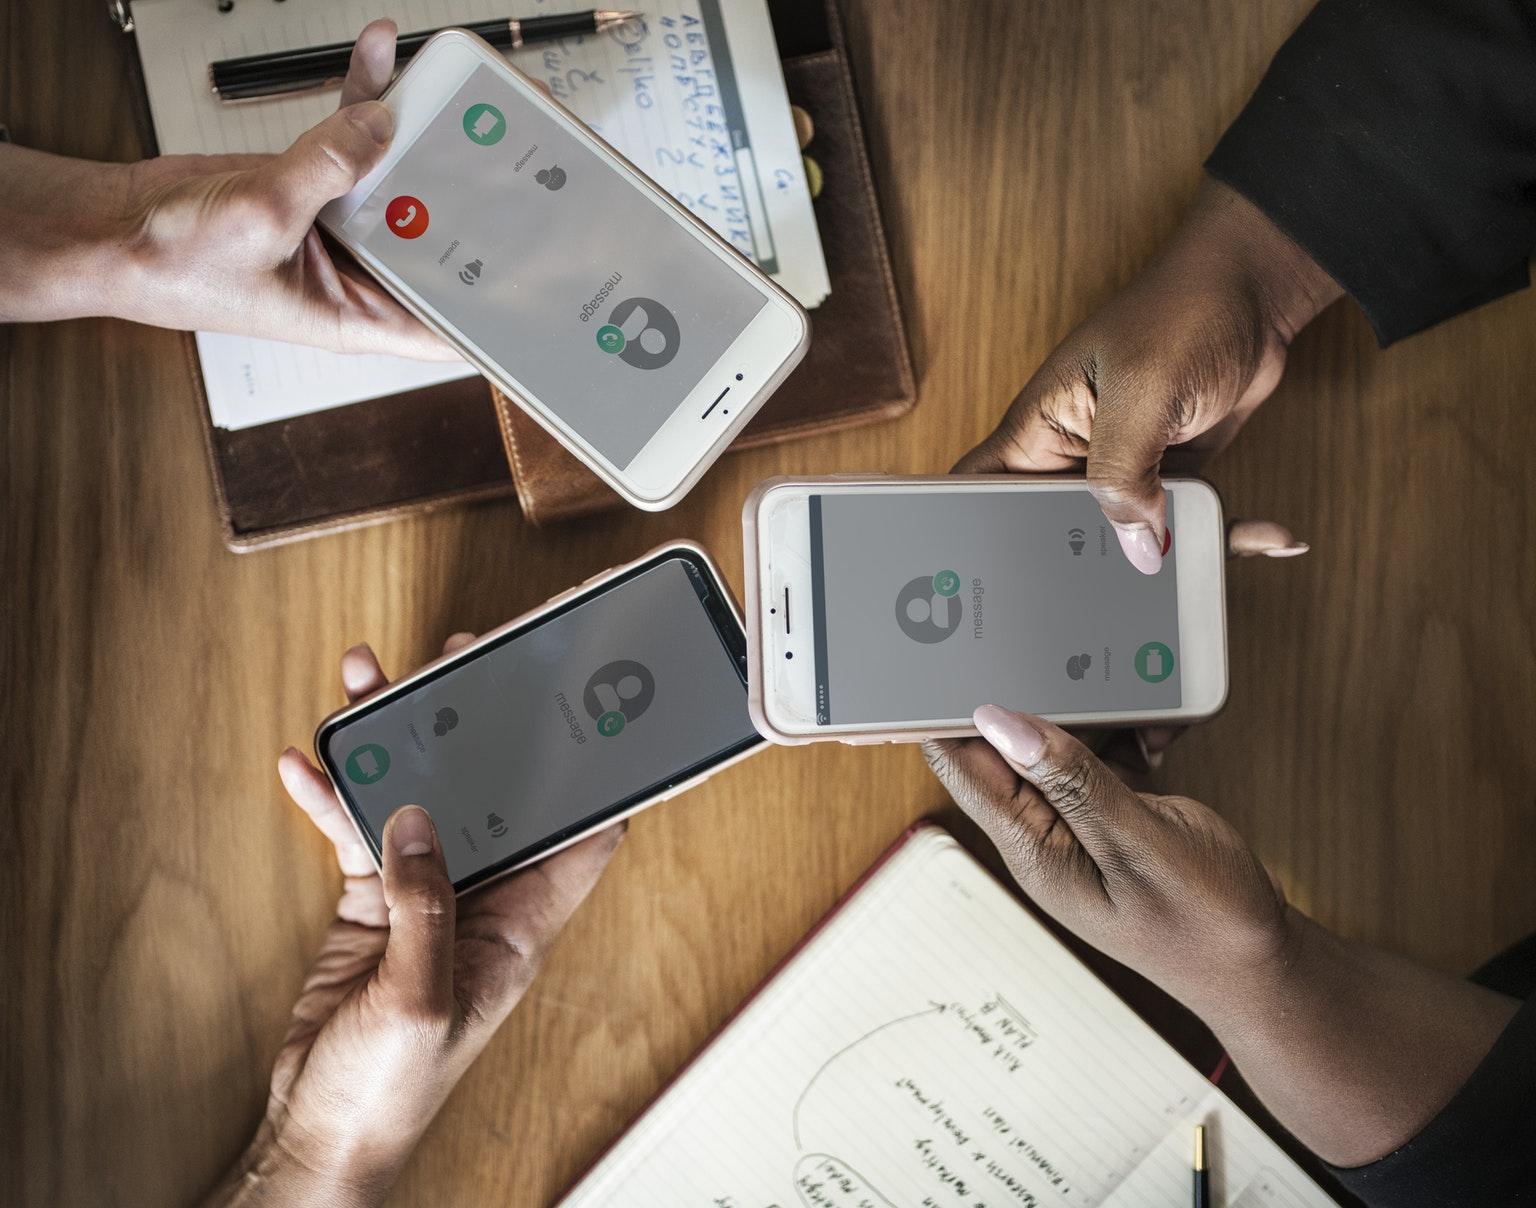 Смартфоны каких брендов сегодня хорошо продаются вРоссии?